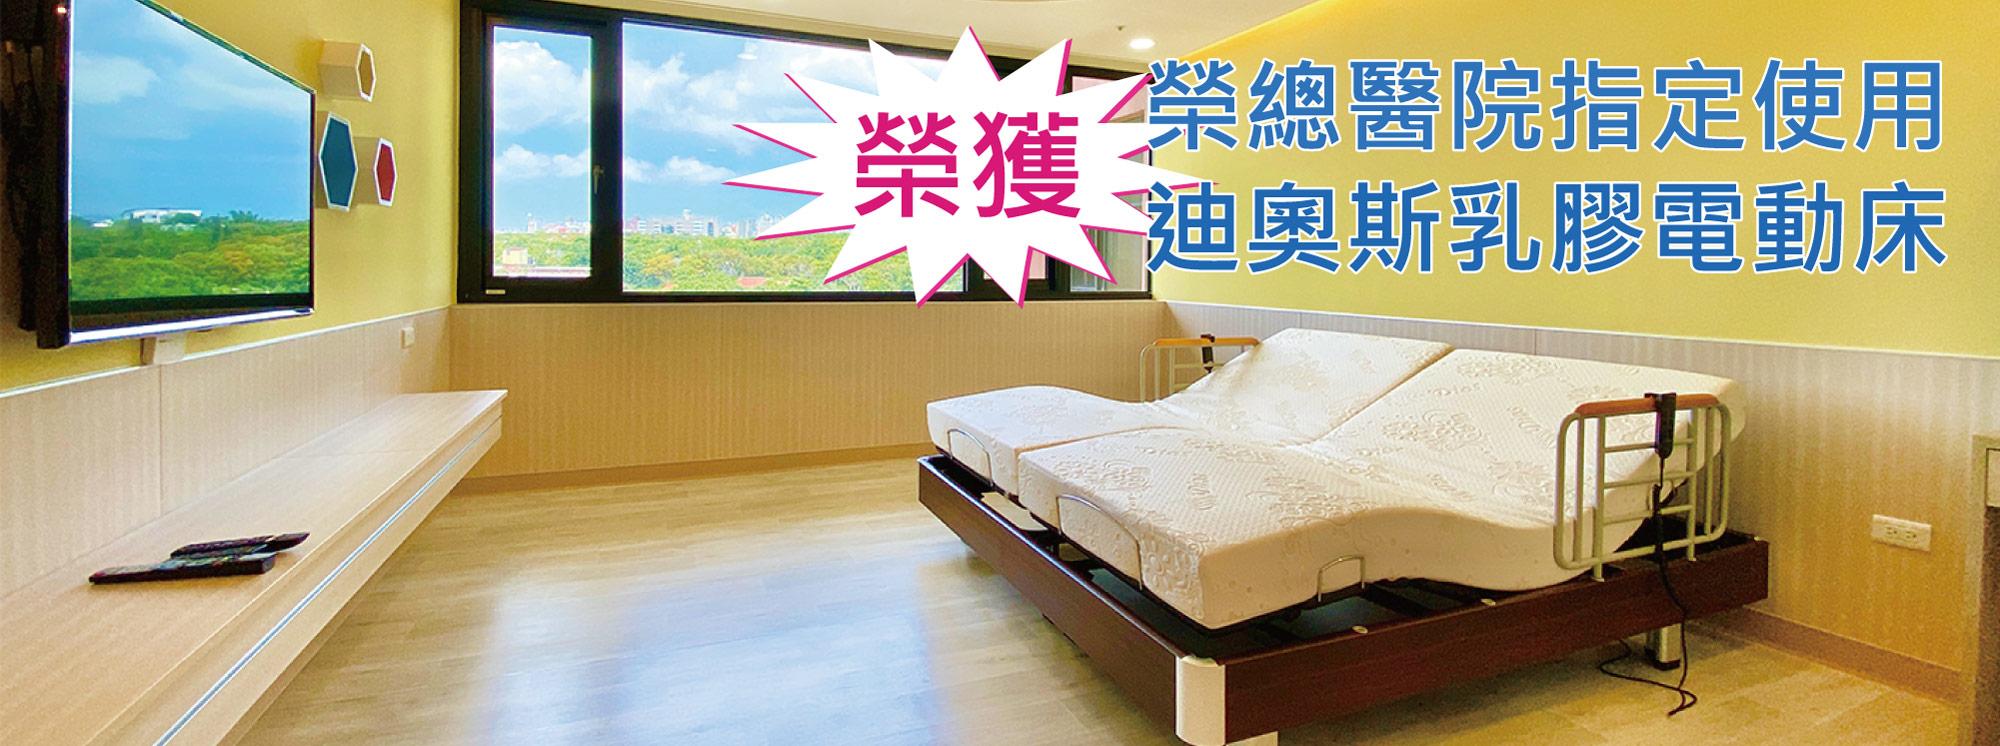 榮總醫院指定床墊,乳膠床墊,電動床,醫院推薦床墊